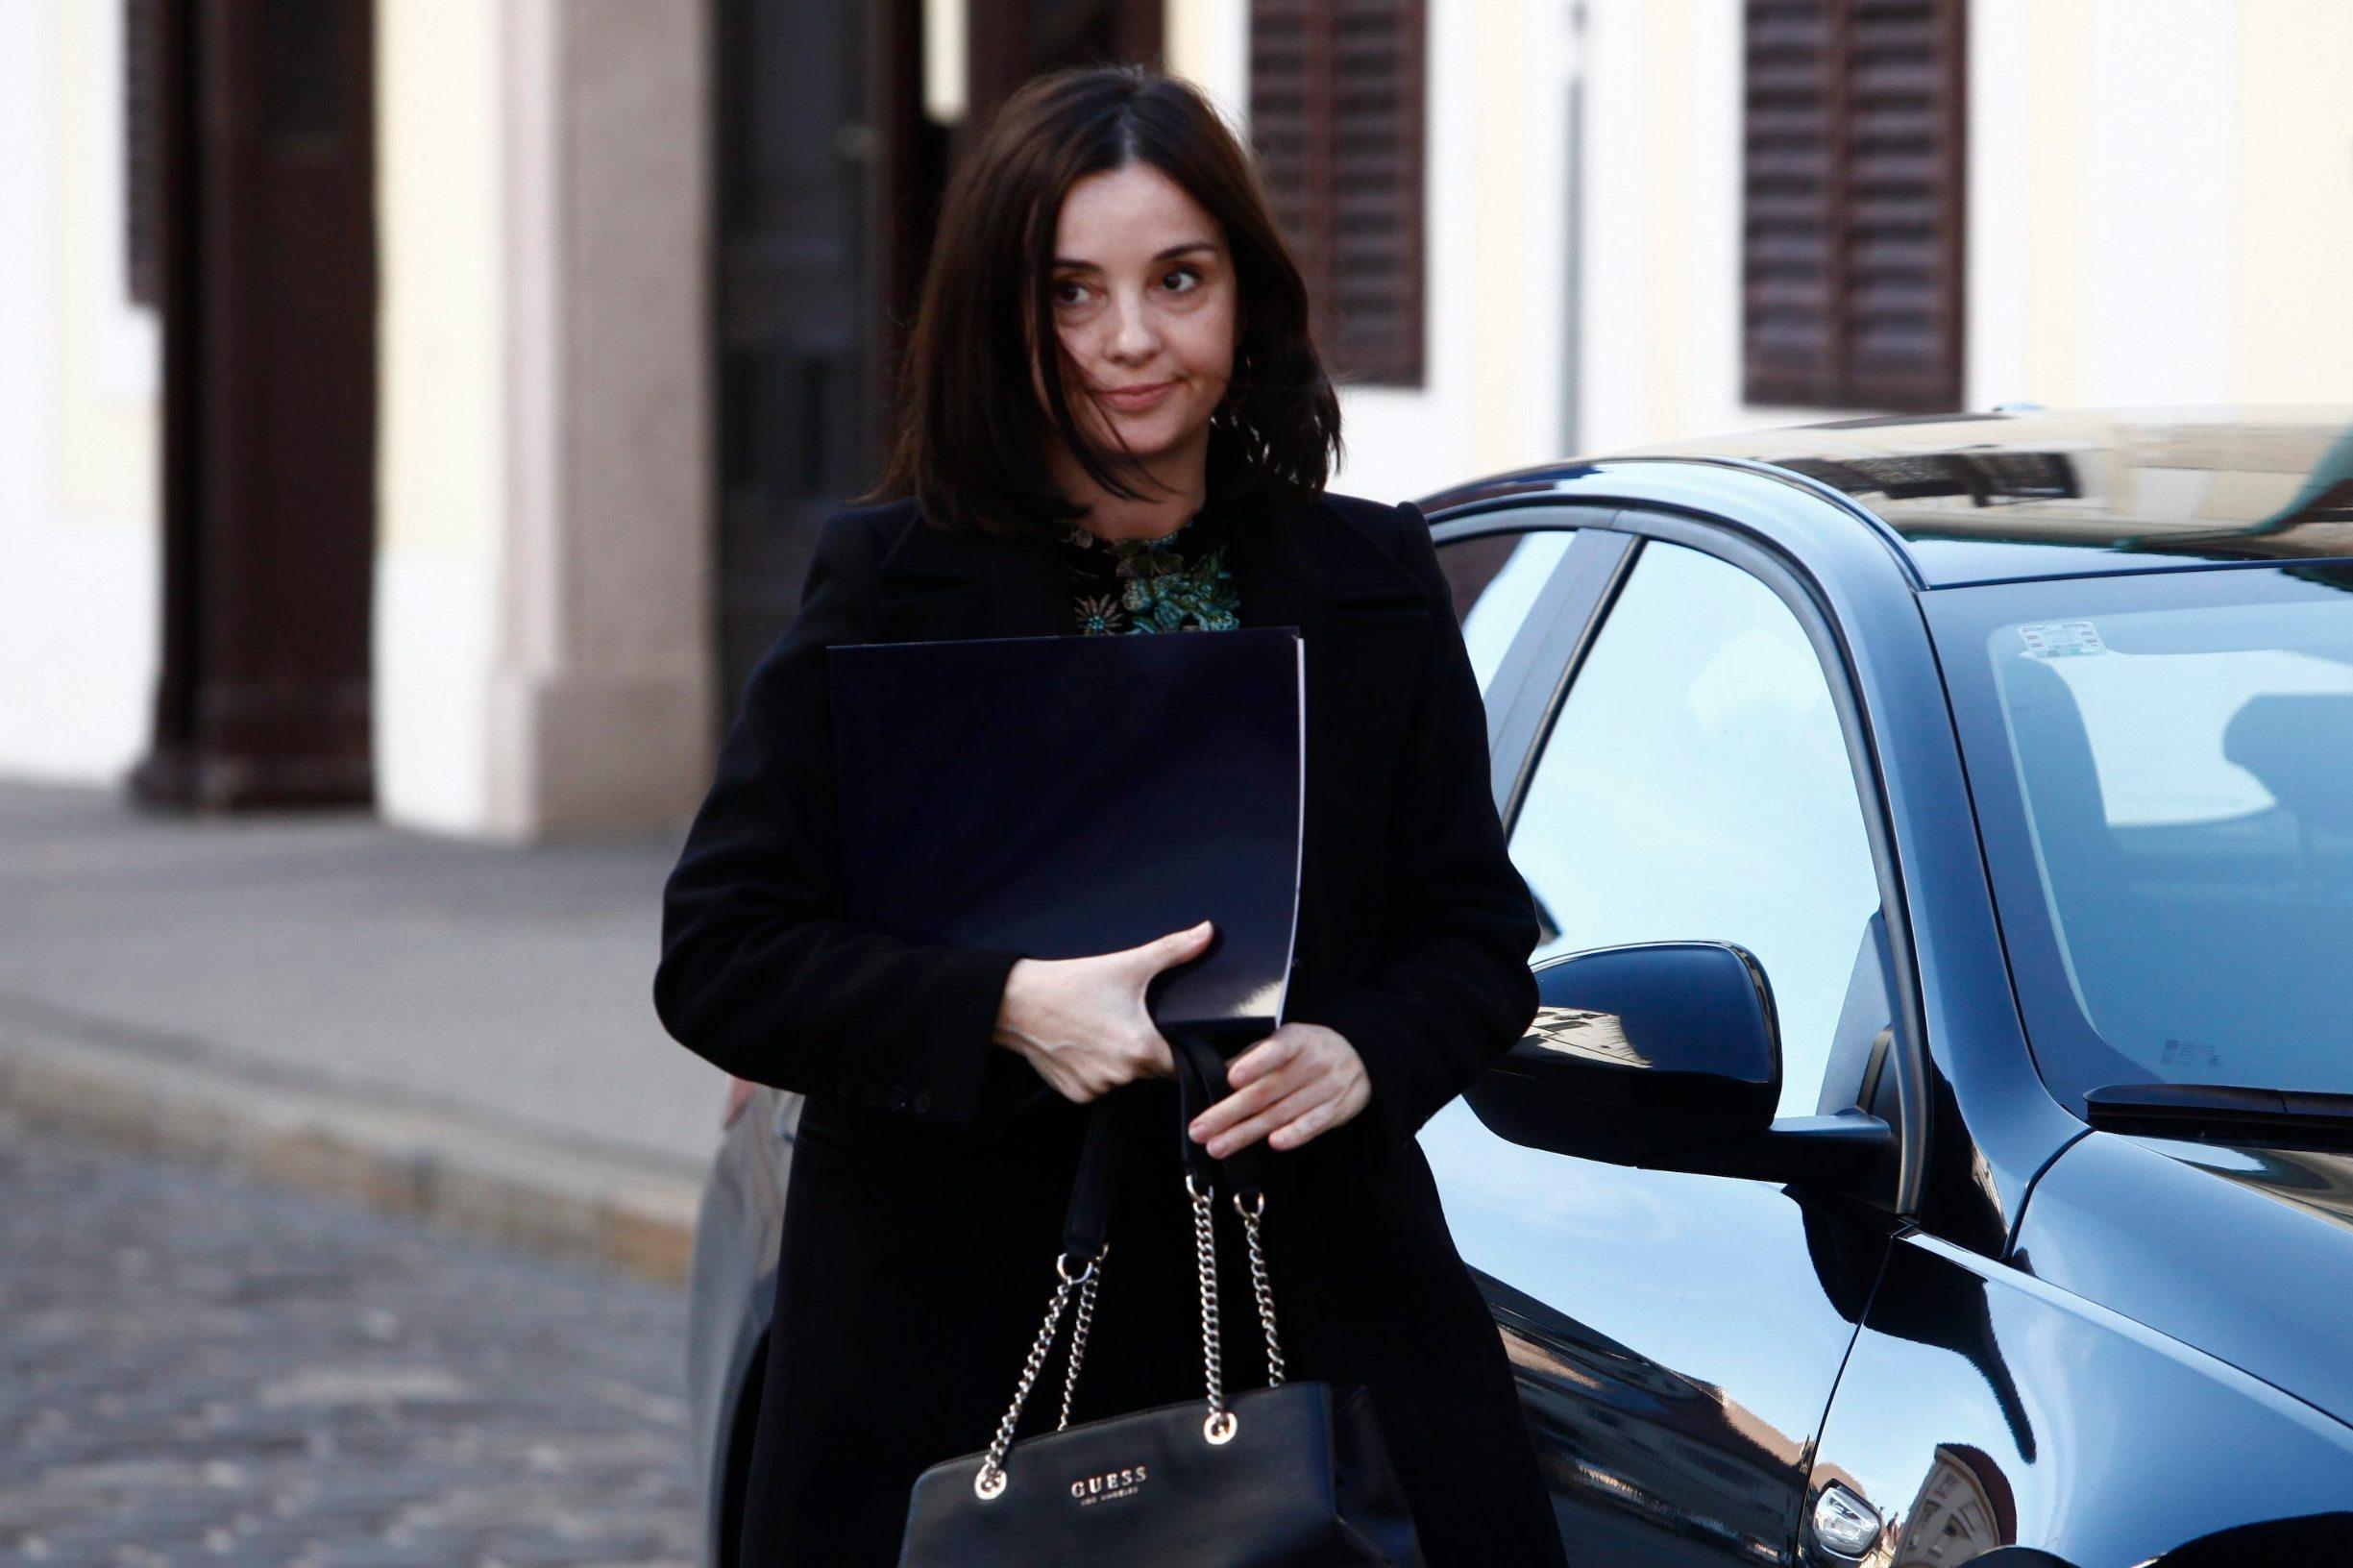 Ministrica poljoprivrede Marija Vučković dolazi na Vladin sastanak u vezi suzbijanja koronavirusa